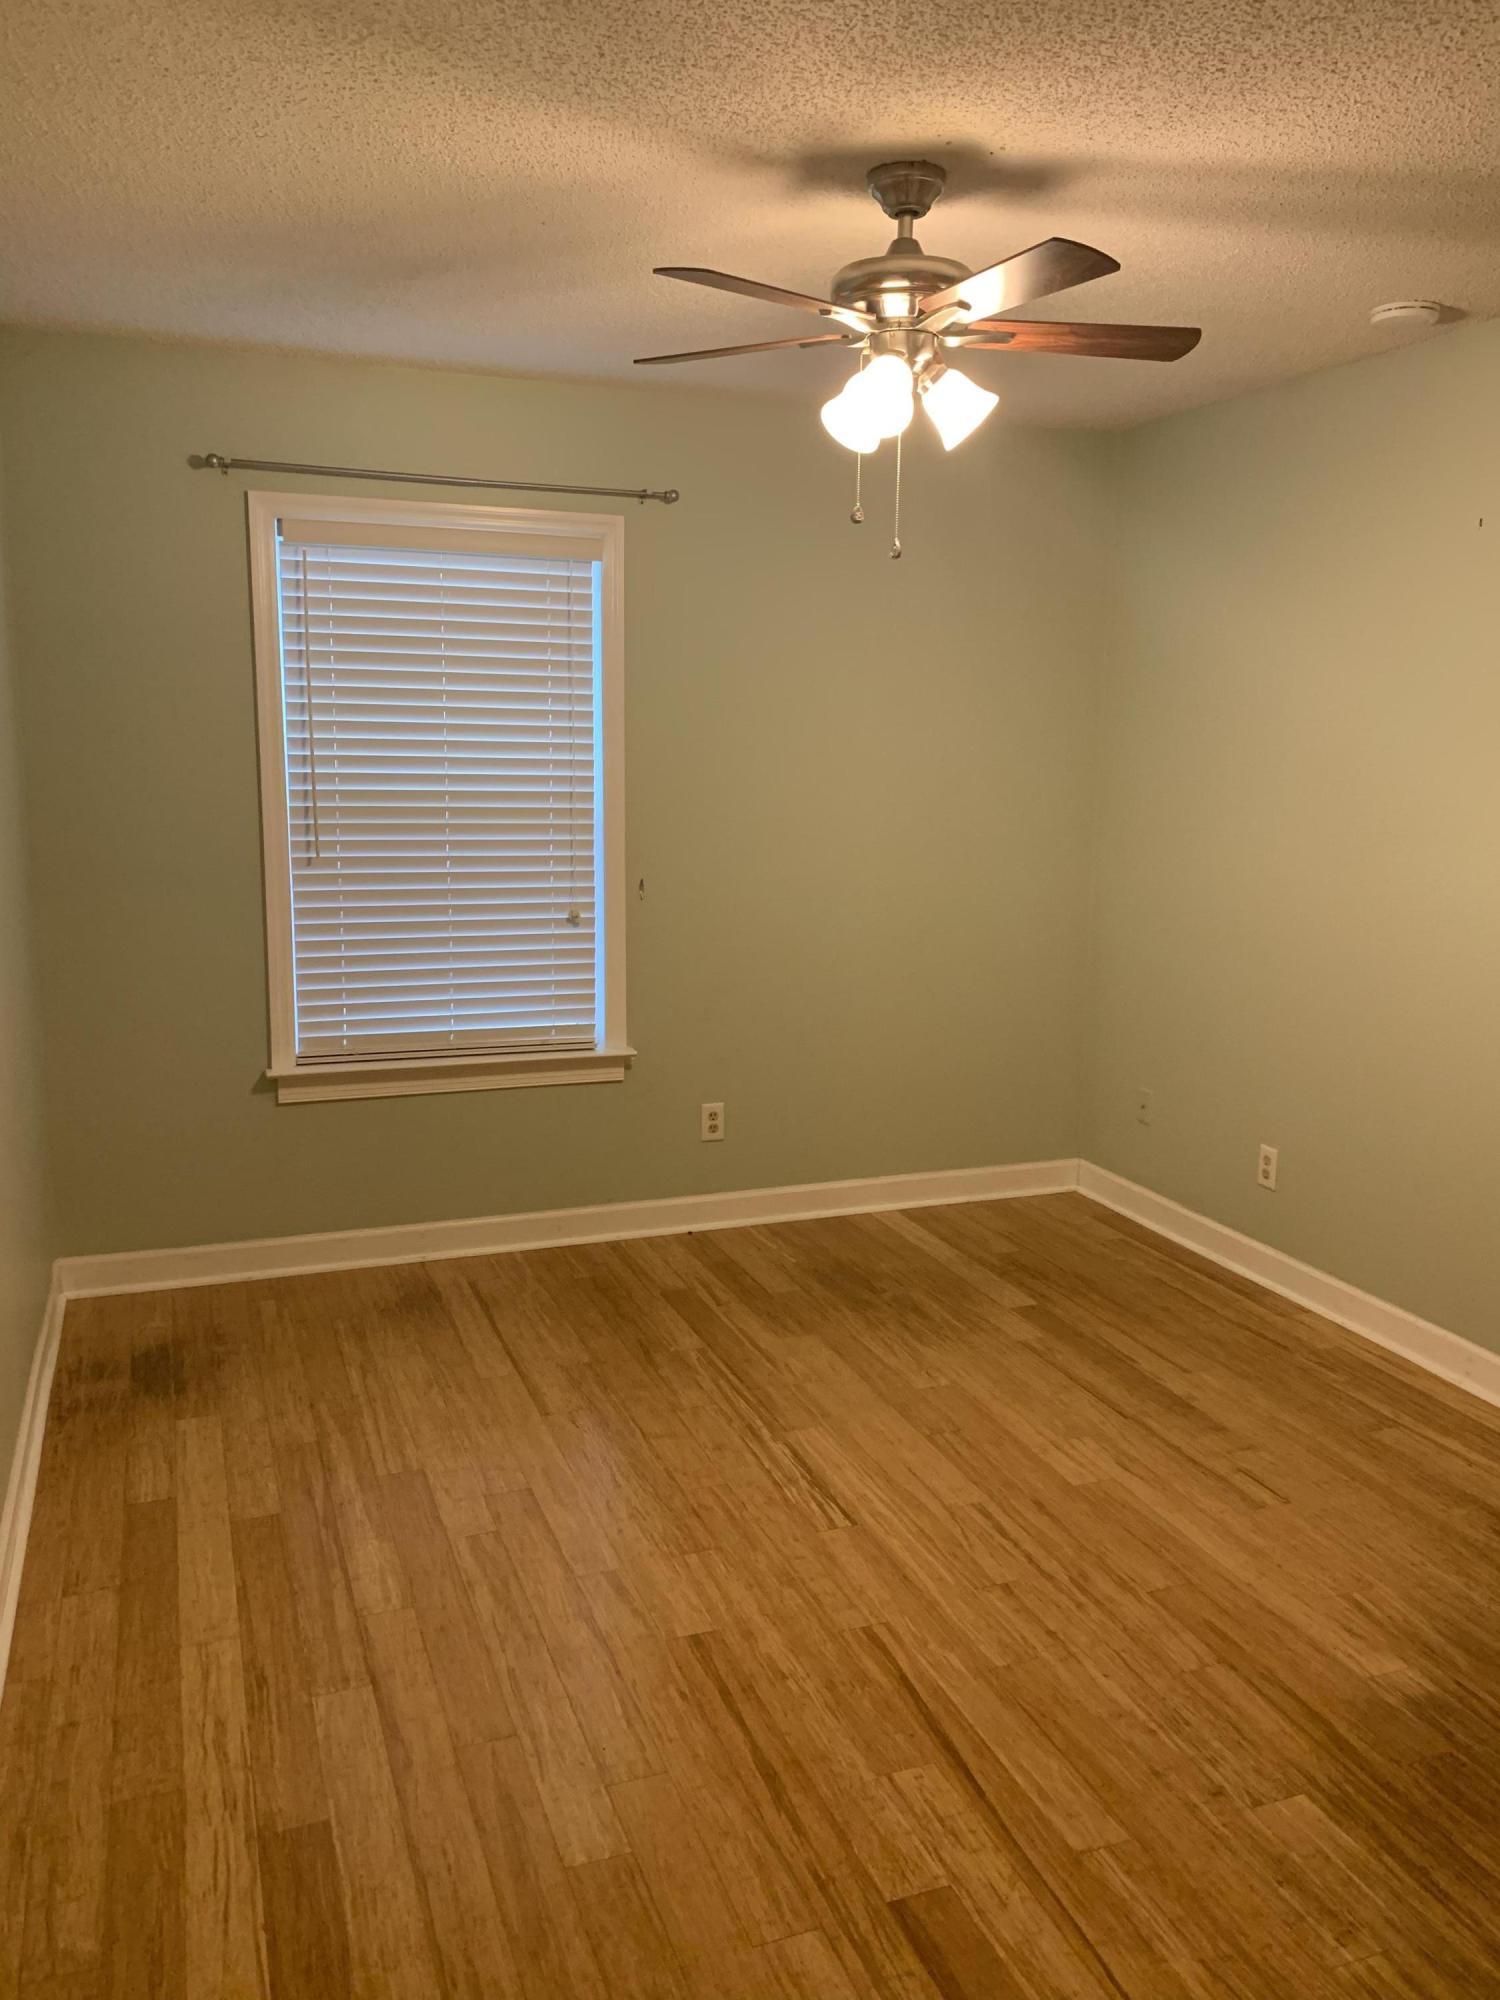 Willow Walk Homes For Sale - 1144 Oakcrest, Charleston, SC - 17